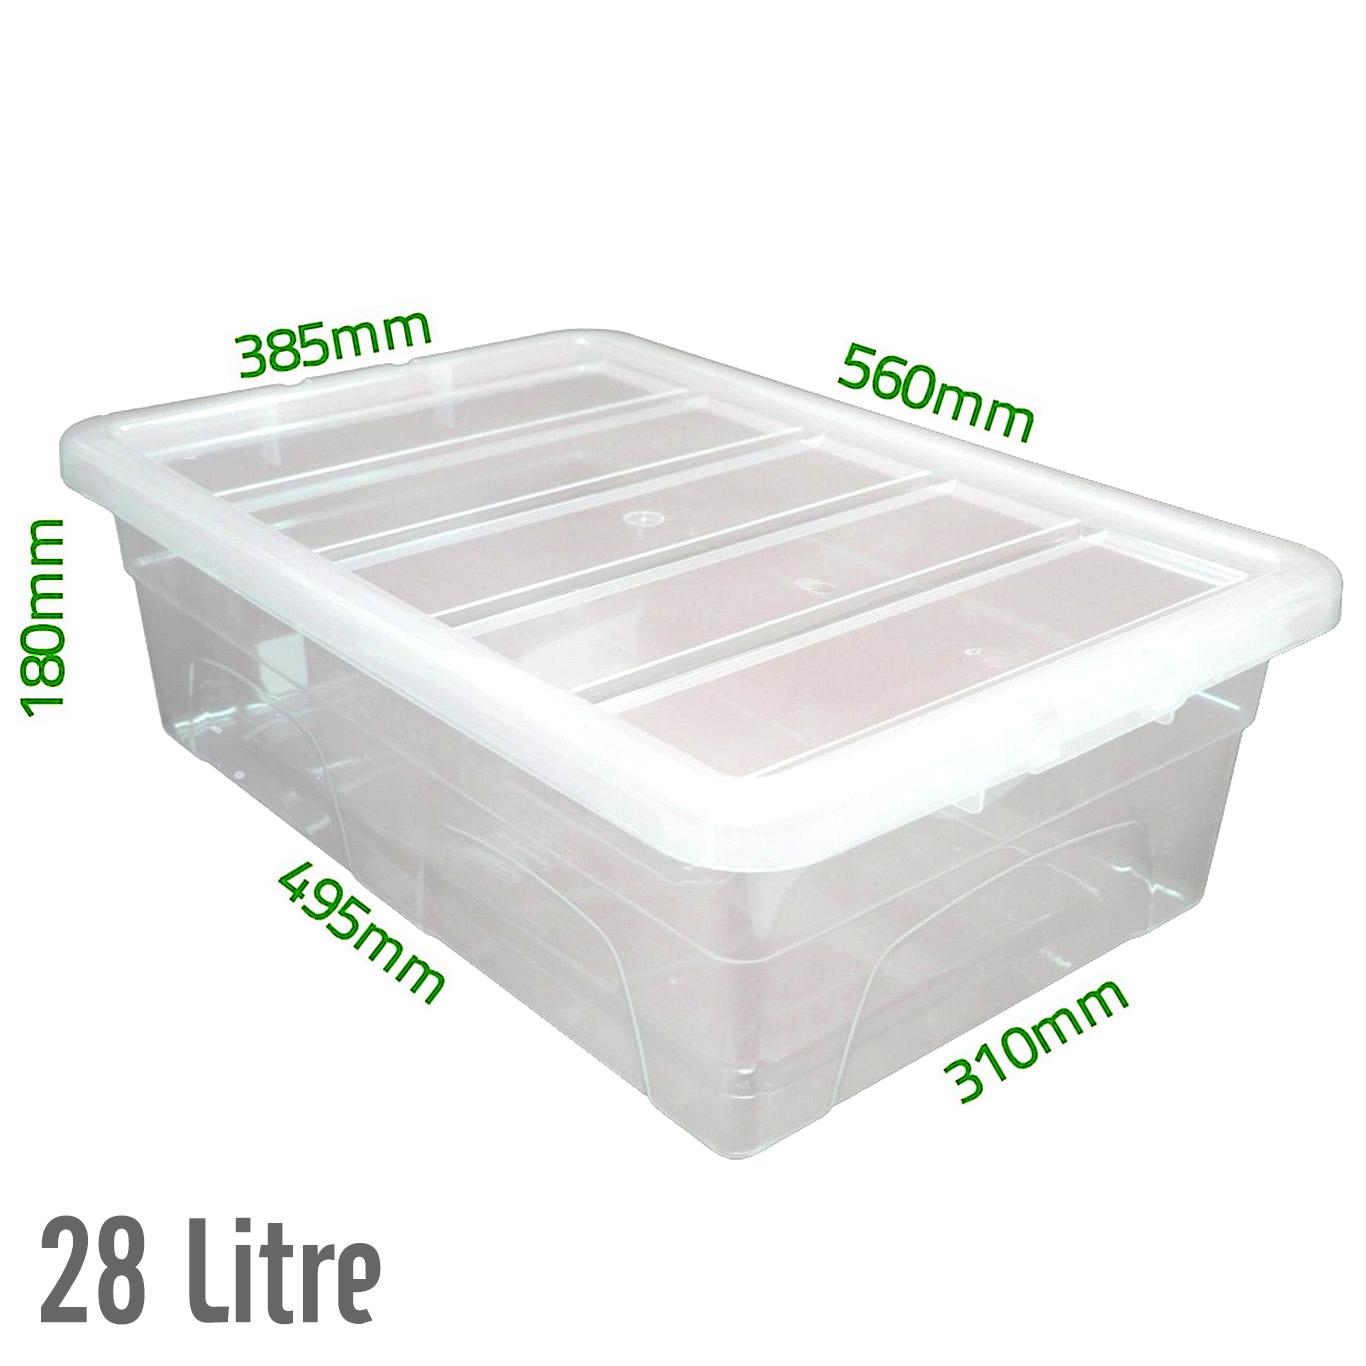 28 ltr sous le lit en plastique transparent bo tes de - Boite rangement plastique sous lit ...